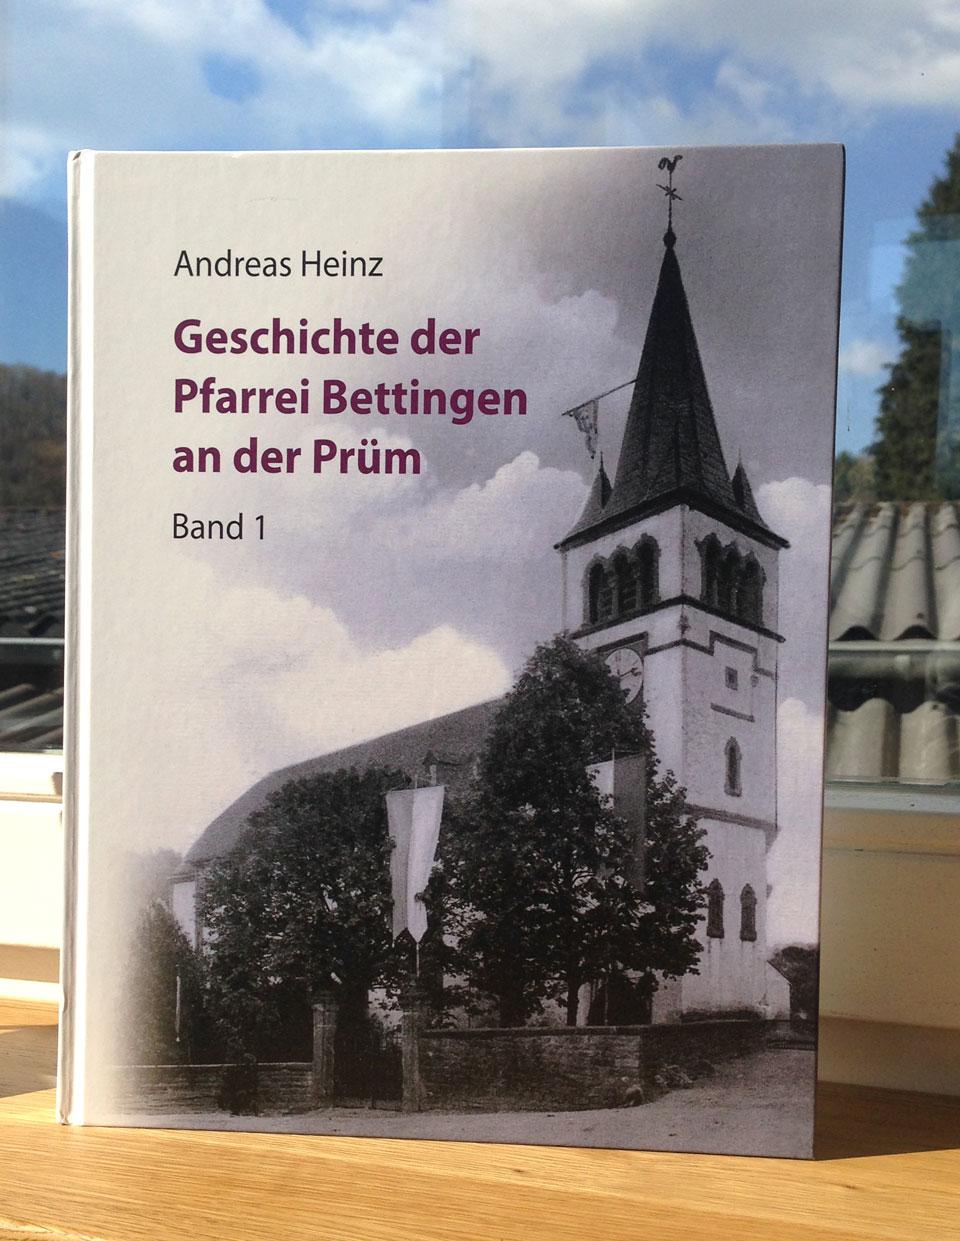 Geschichte-der-Pfarrei-Bettingen-an-der-Pruem